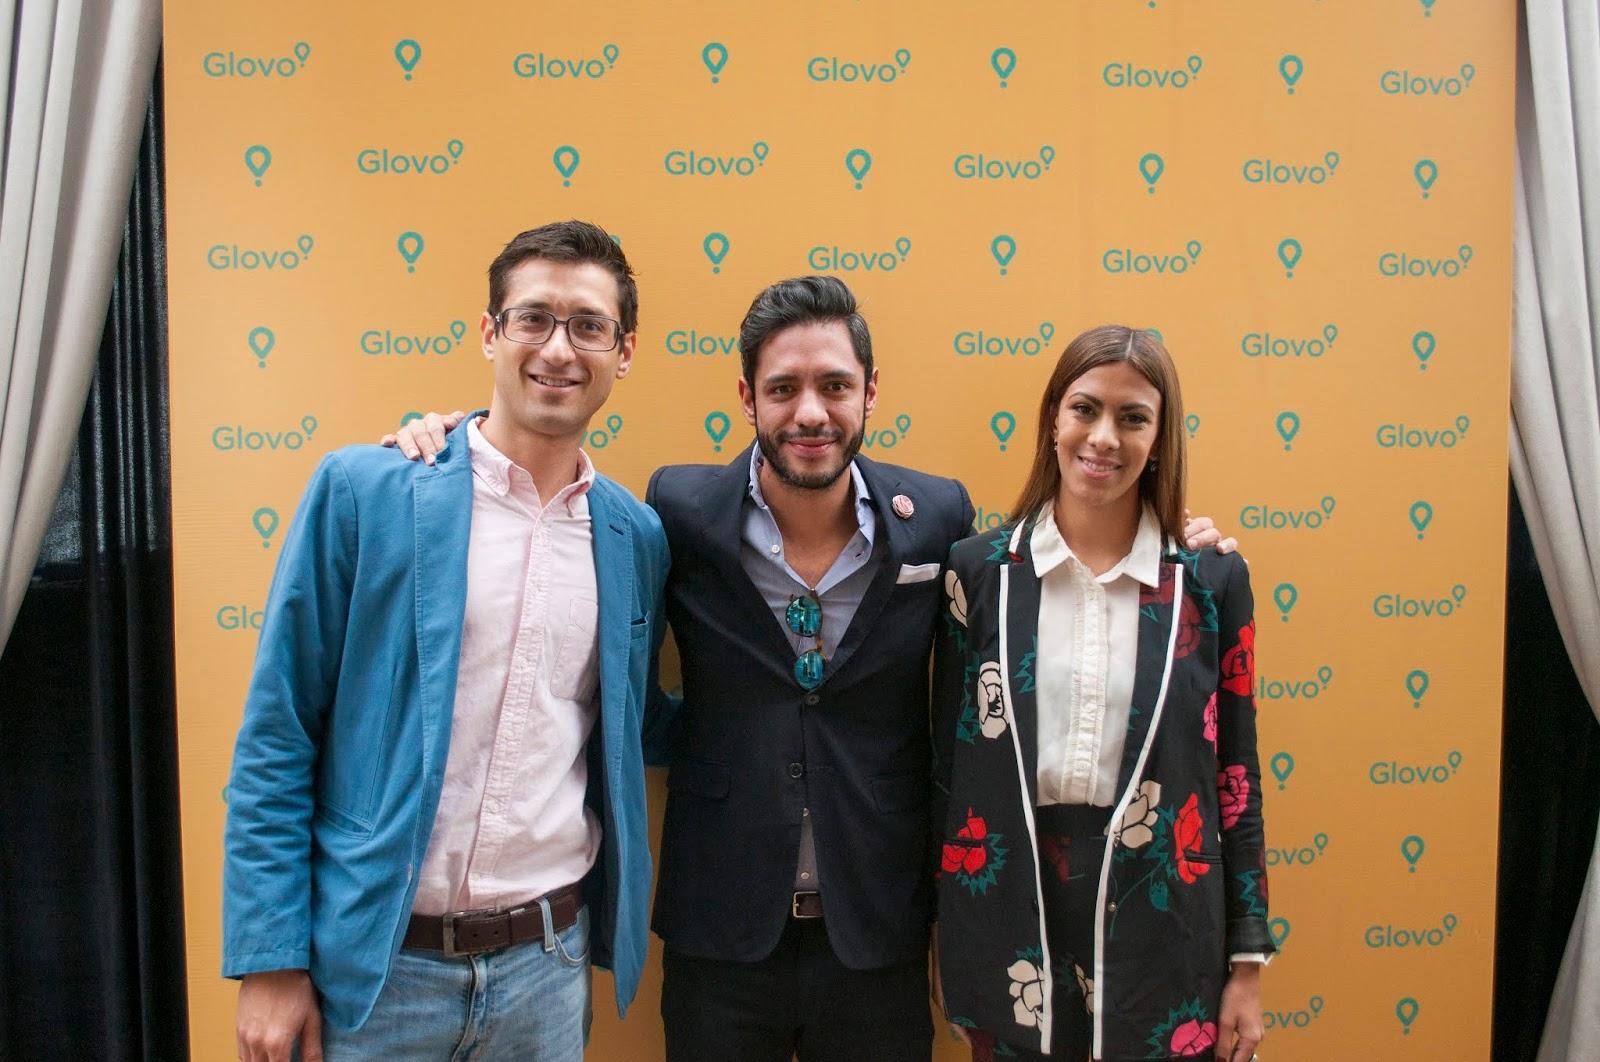 Glovo cumple su primer aniversario en Ecuador liderando las descargas de aplicaciones multidelivery